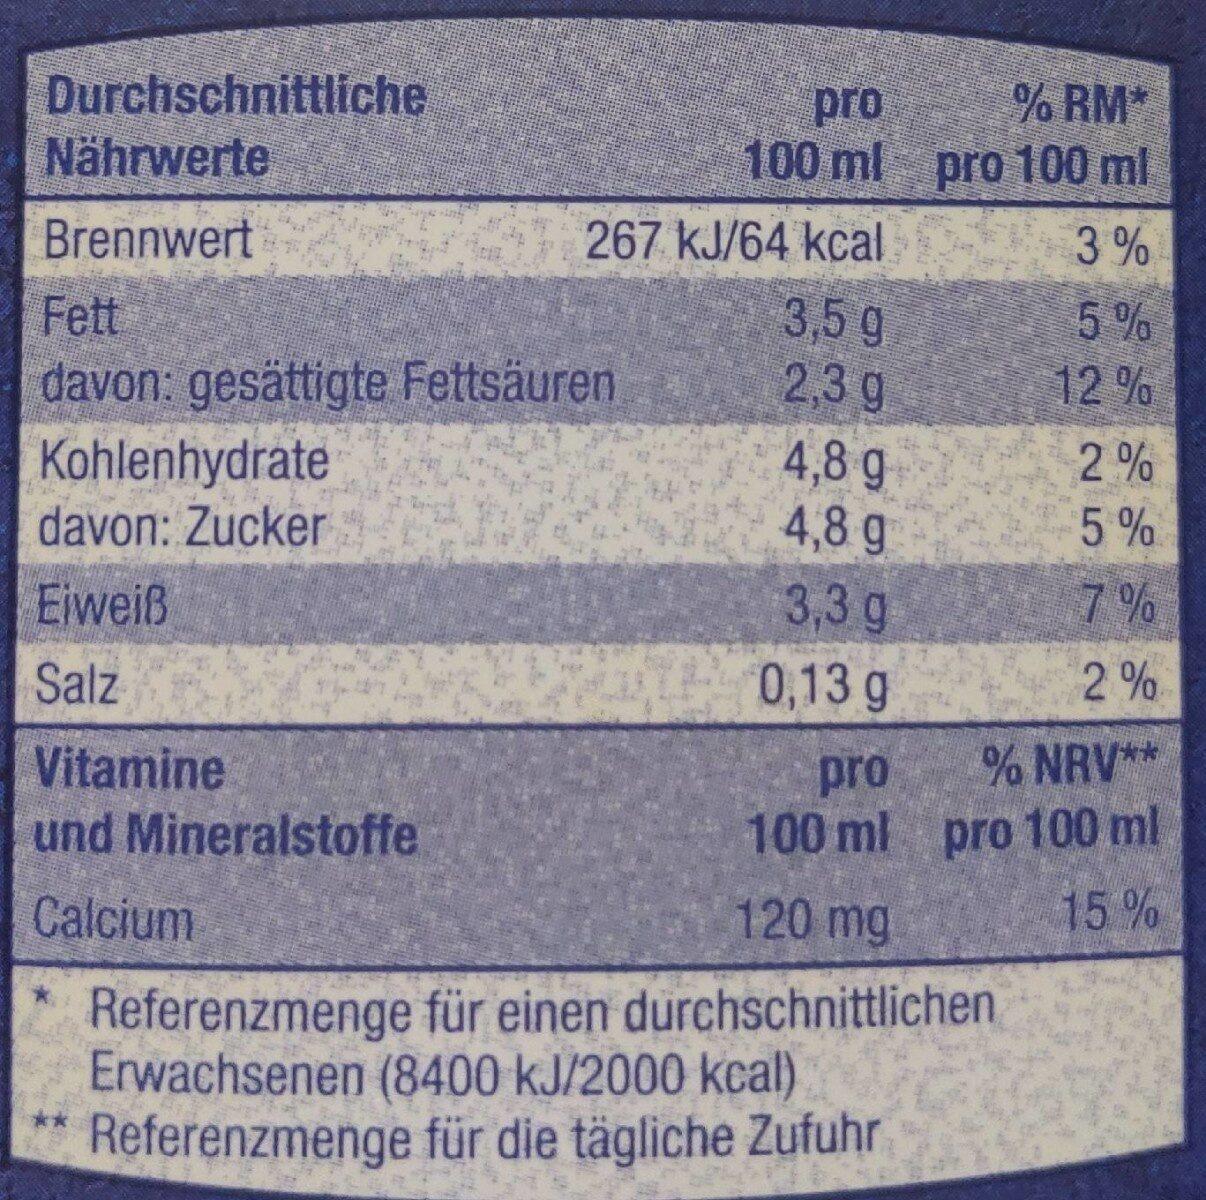 Frische Vollmilch 3,5% - Nährwertangaben - de